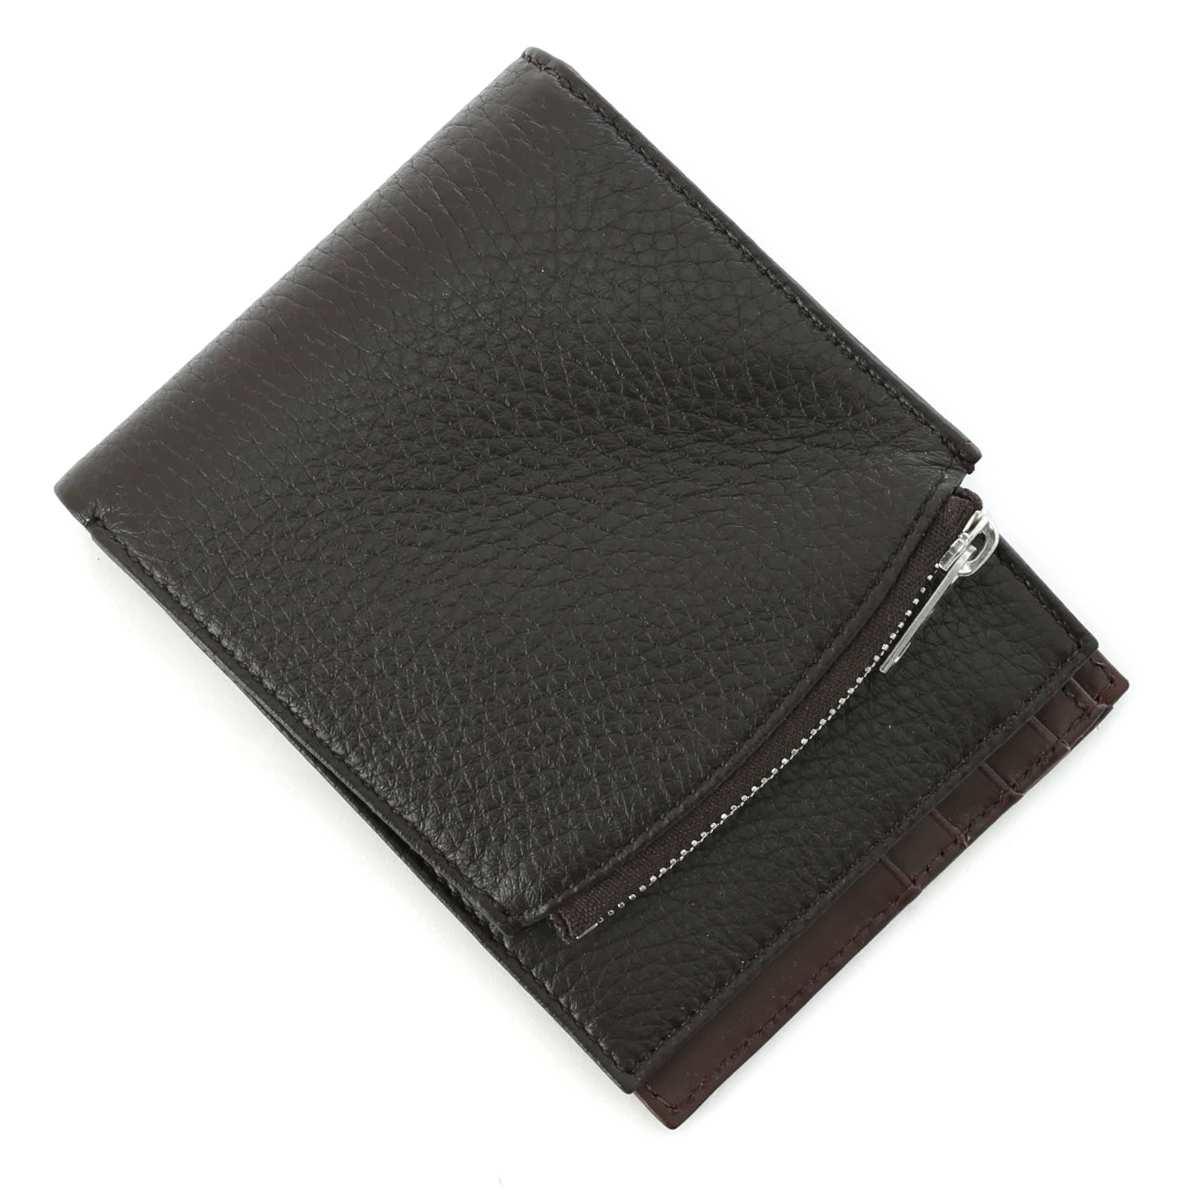 財布・ケース, メンズ財布  Maison Margiela 2 s35ui0436 p2686 t2154 11